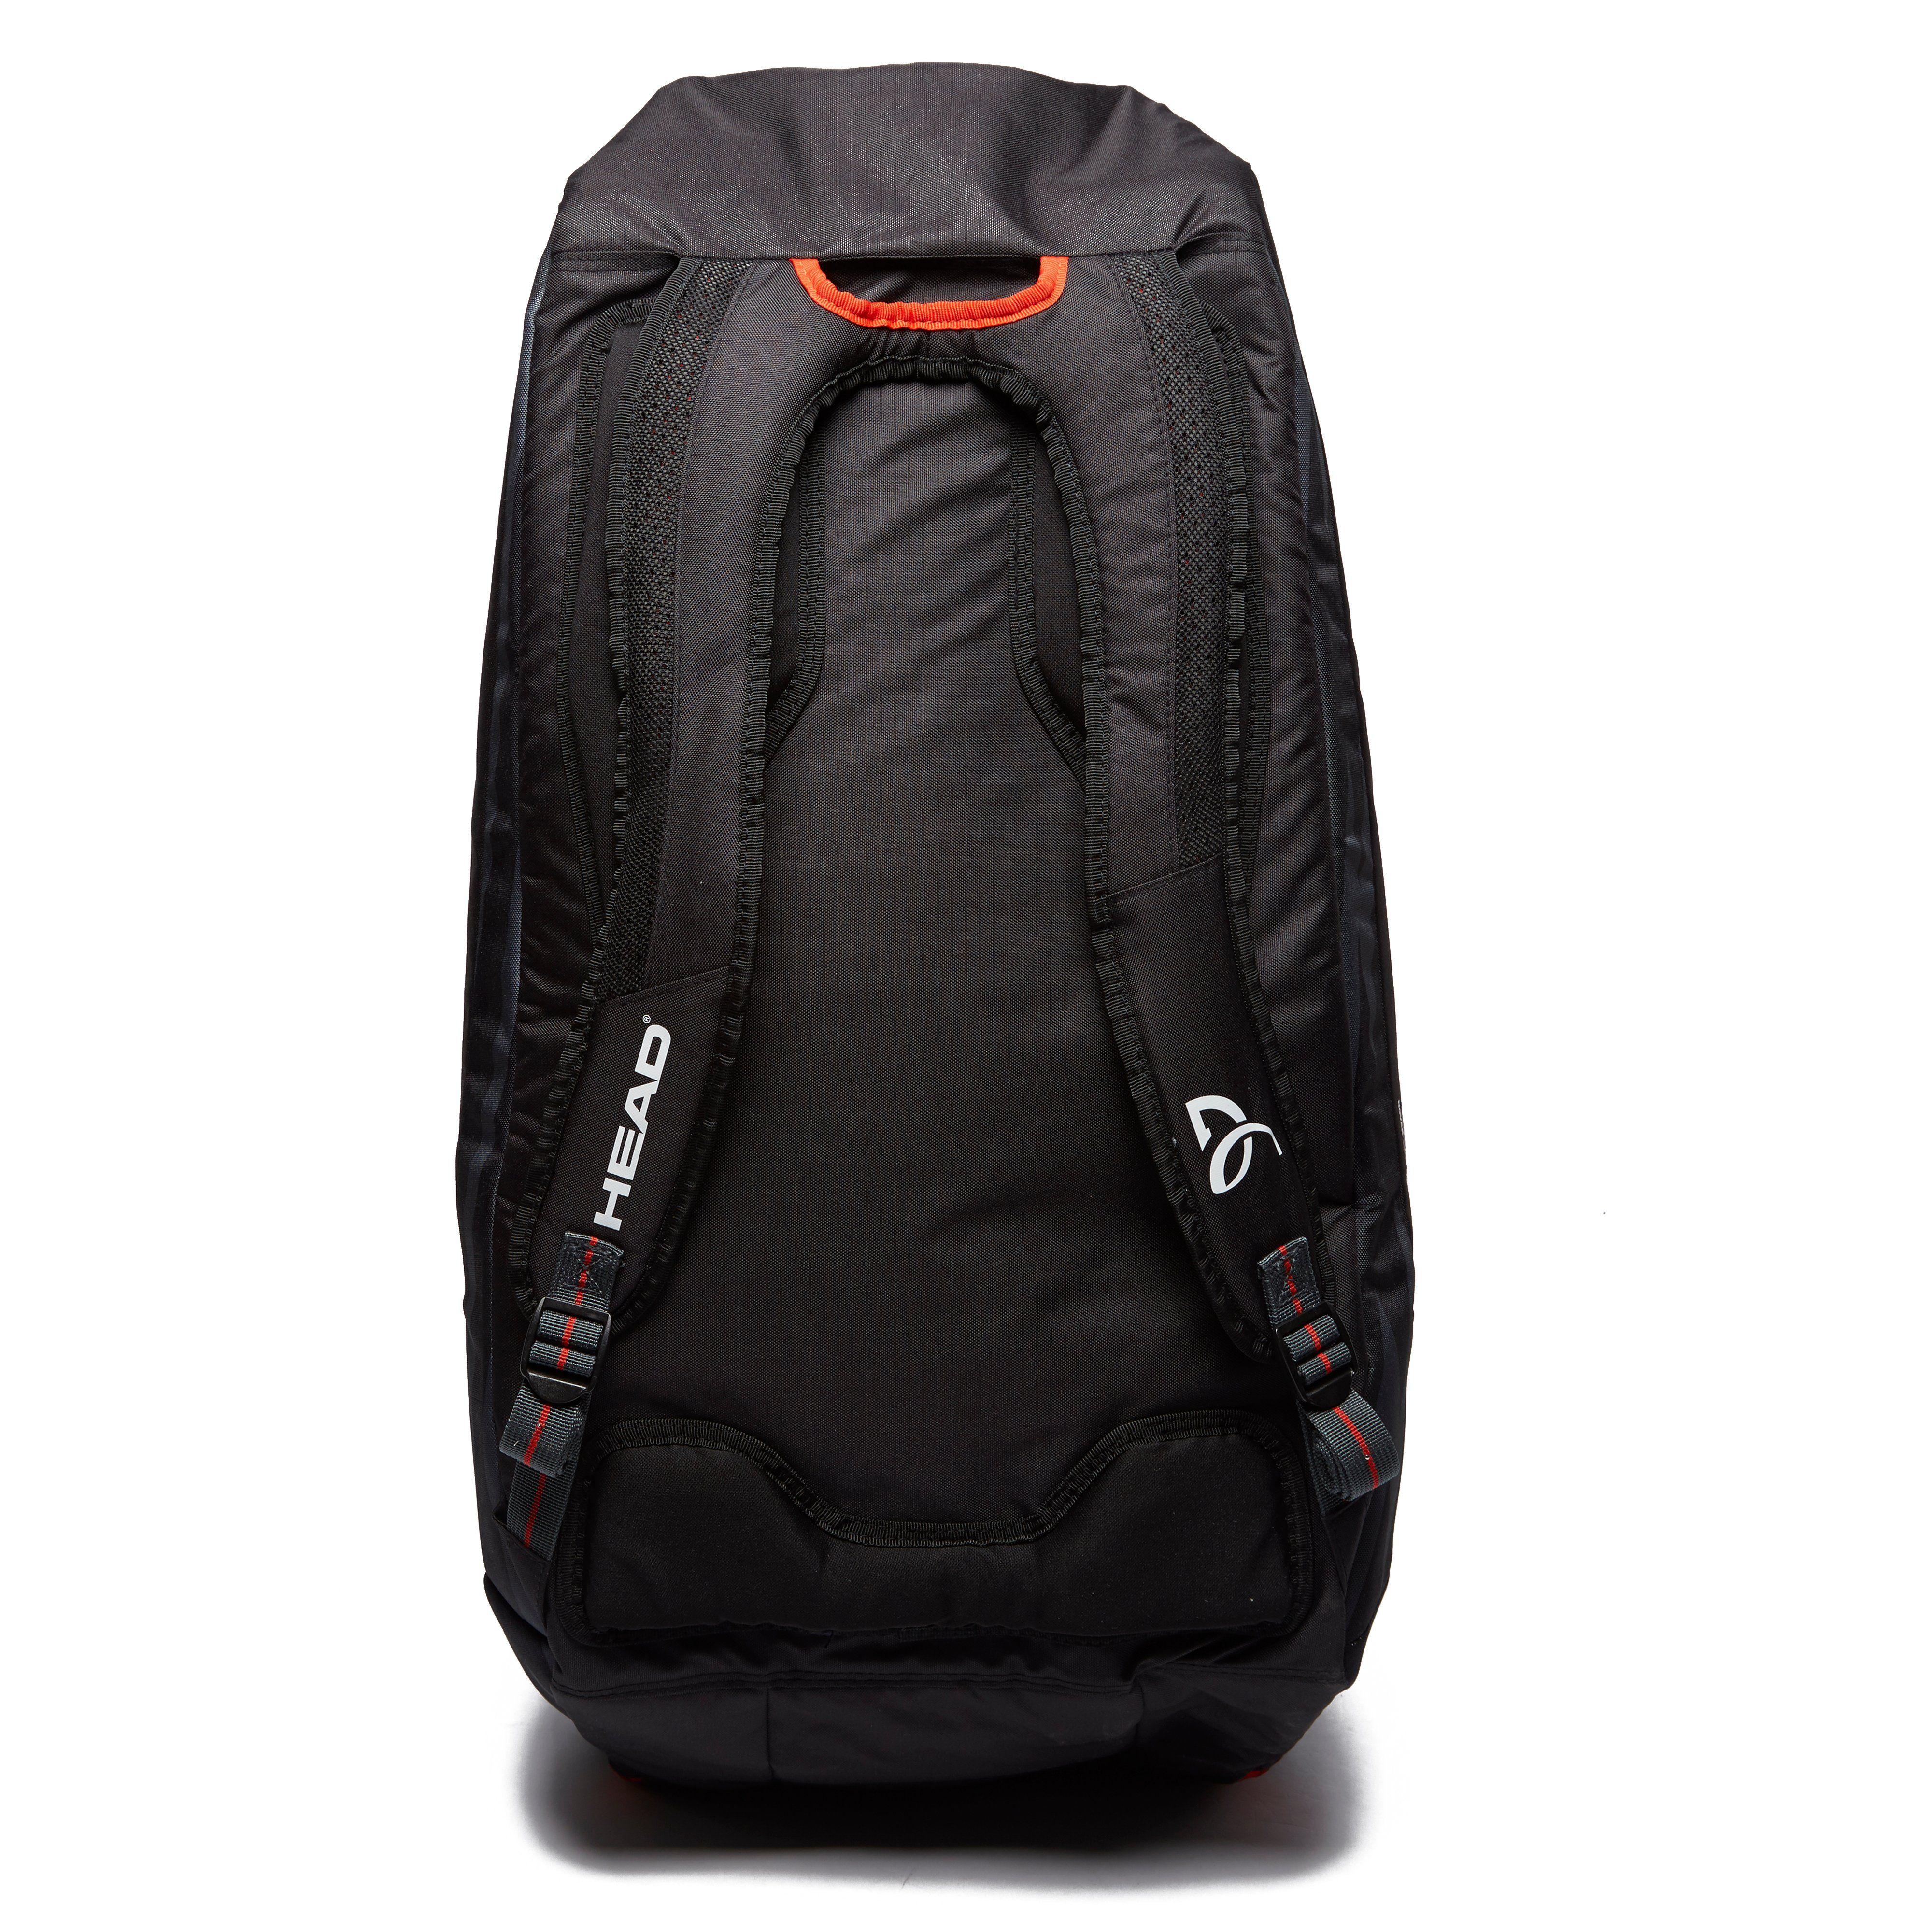 Head Djokovic Supercombi x9 Racket Bag